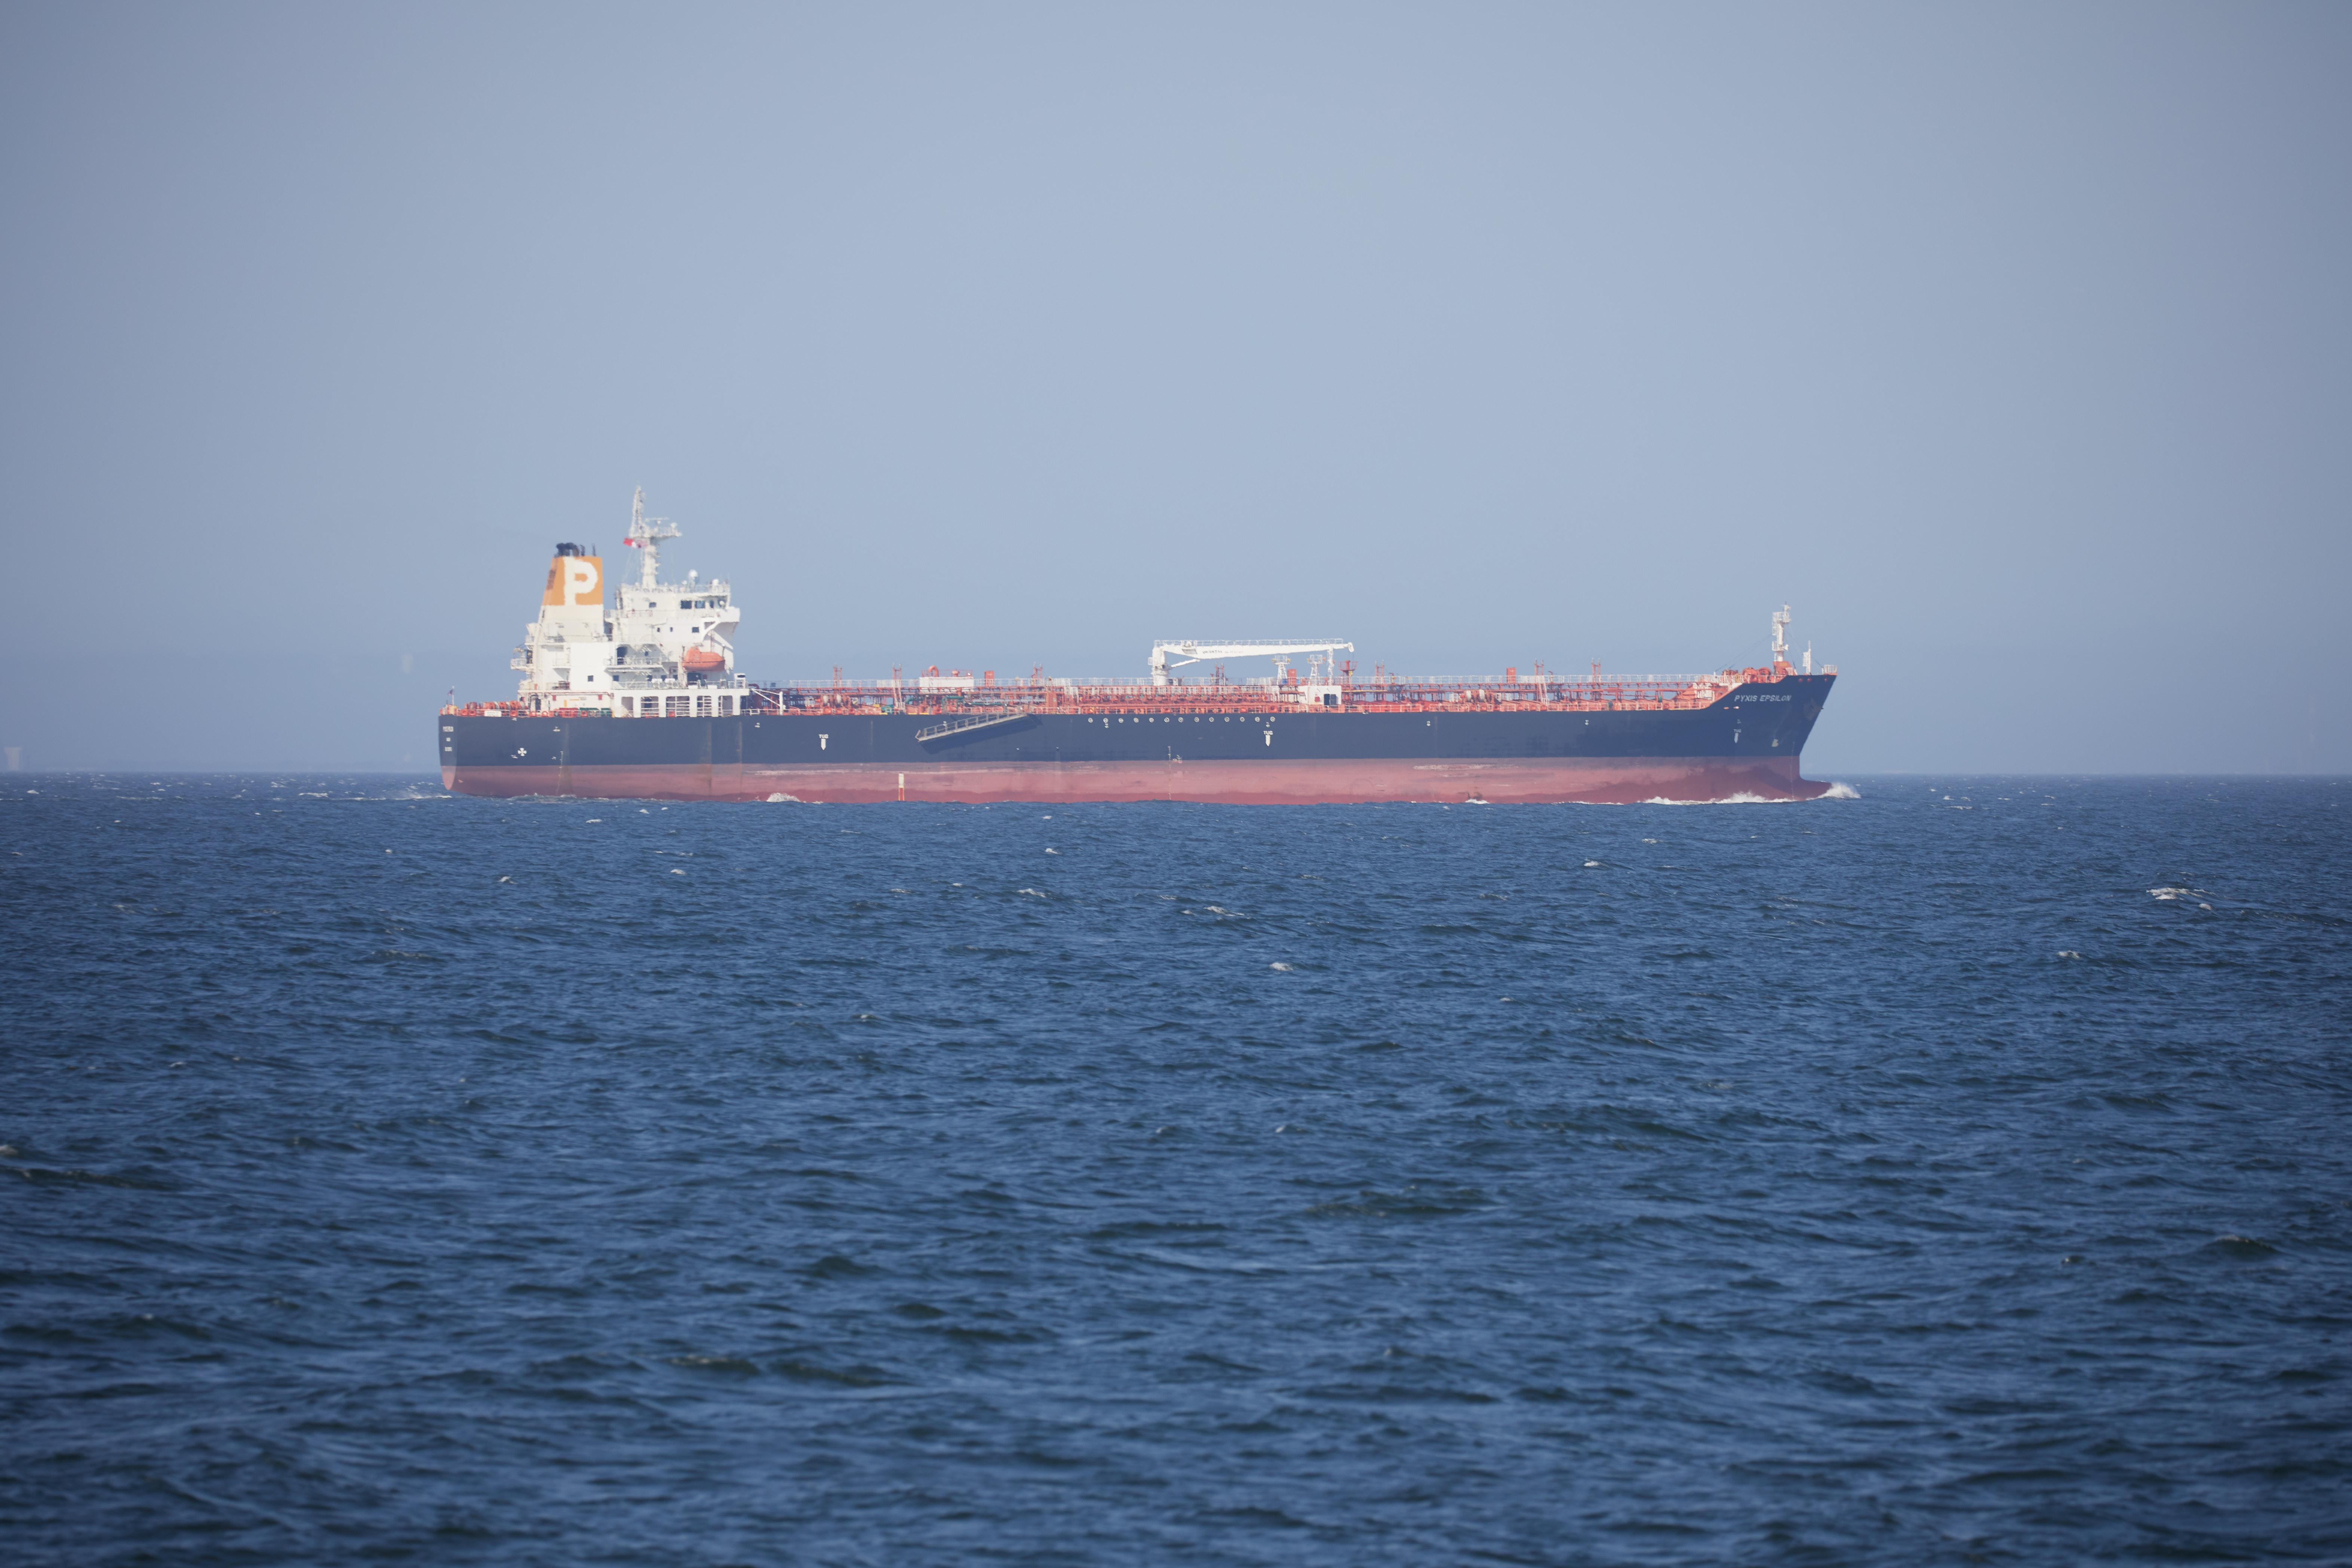 Oil tanker on ocean.